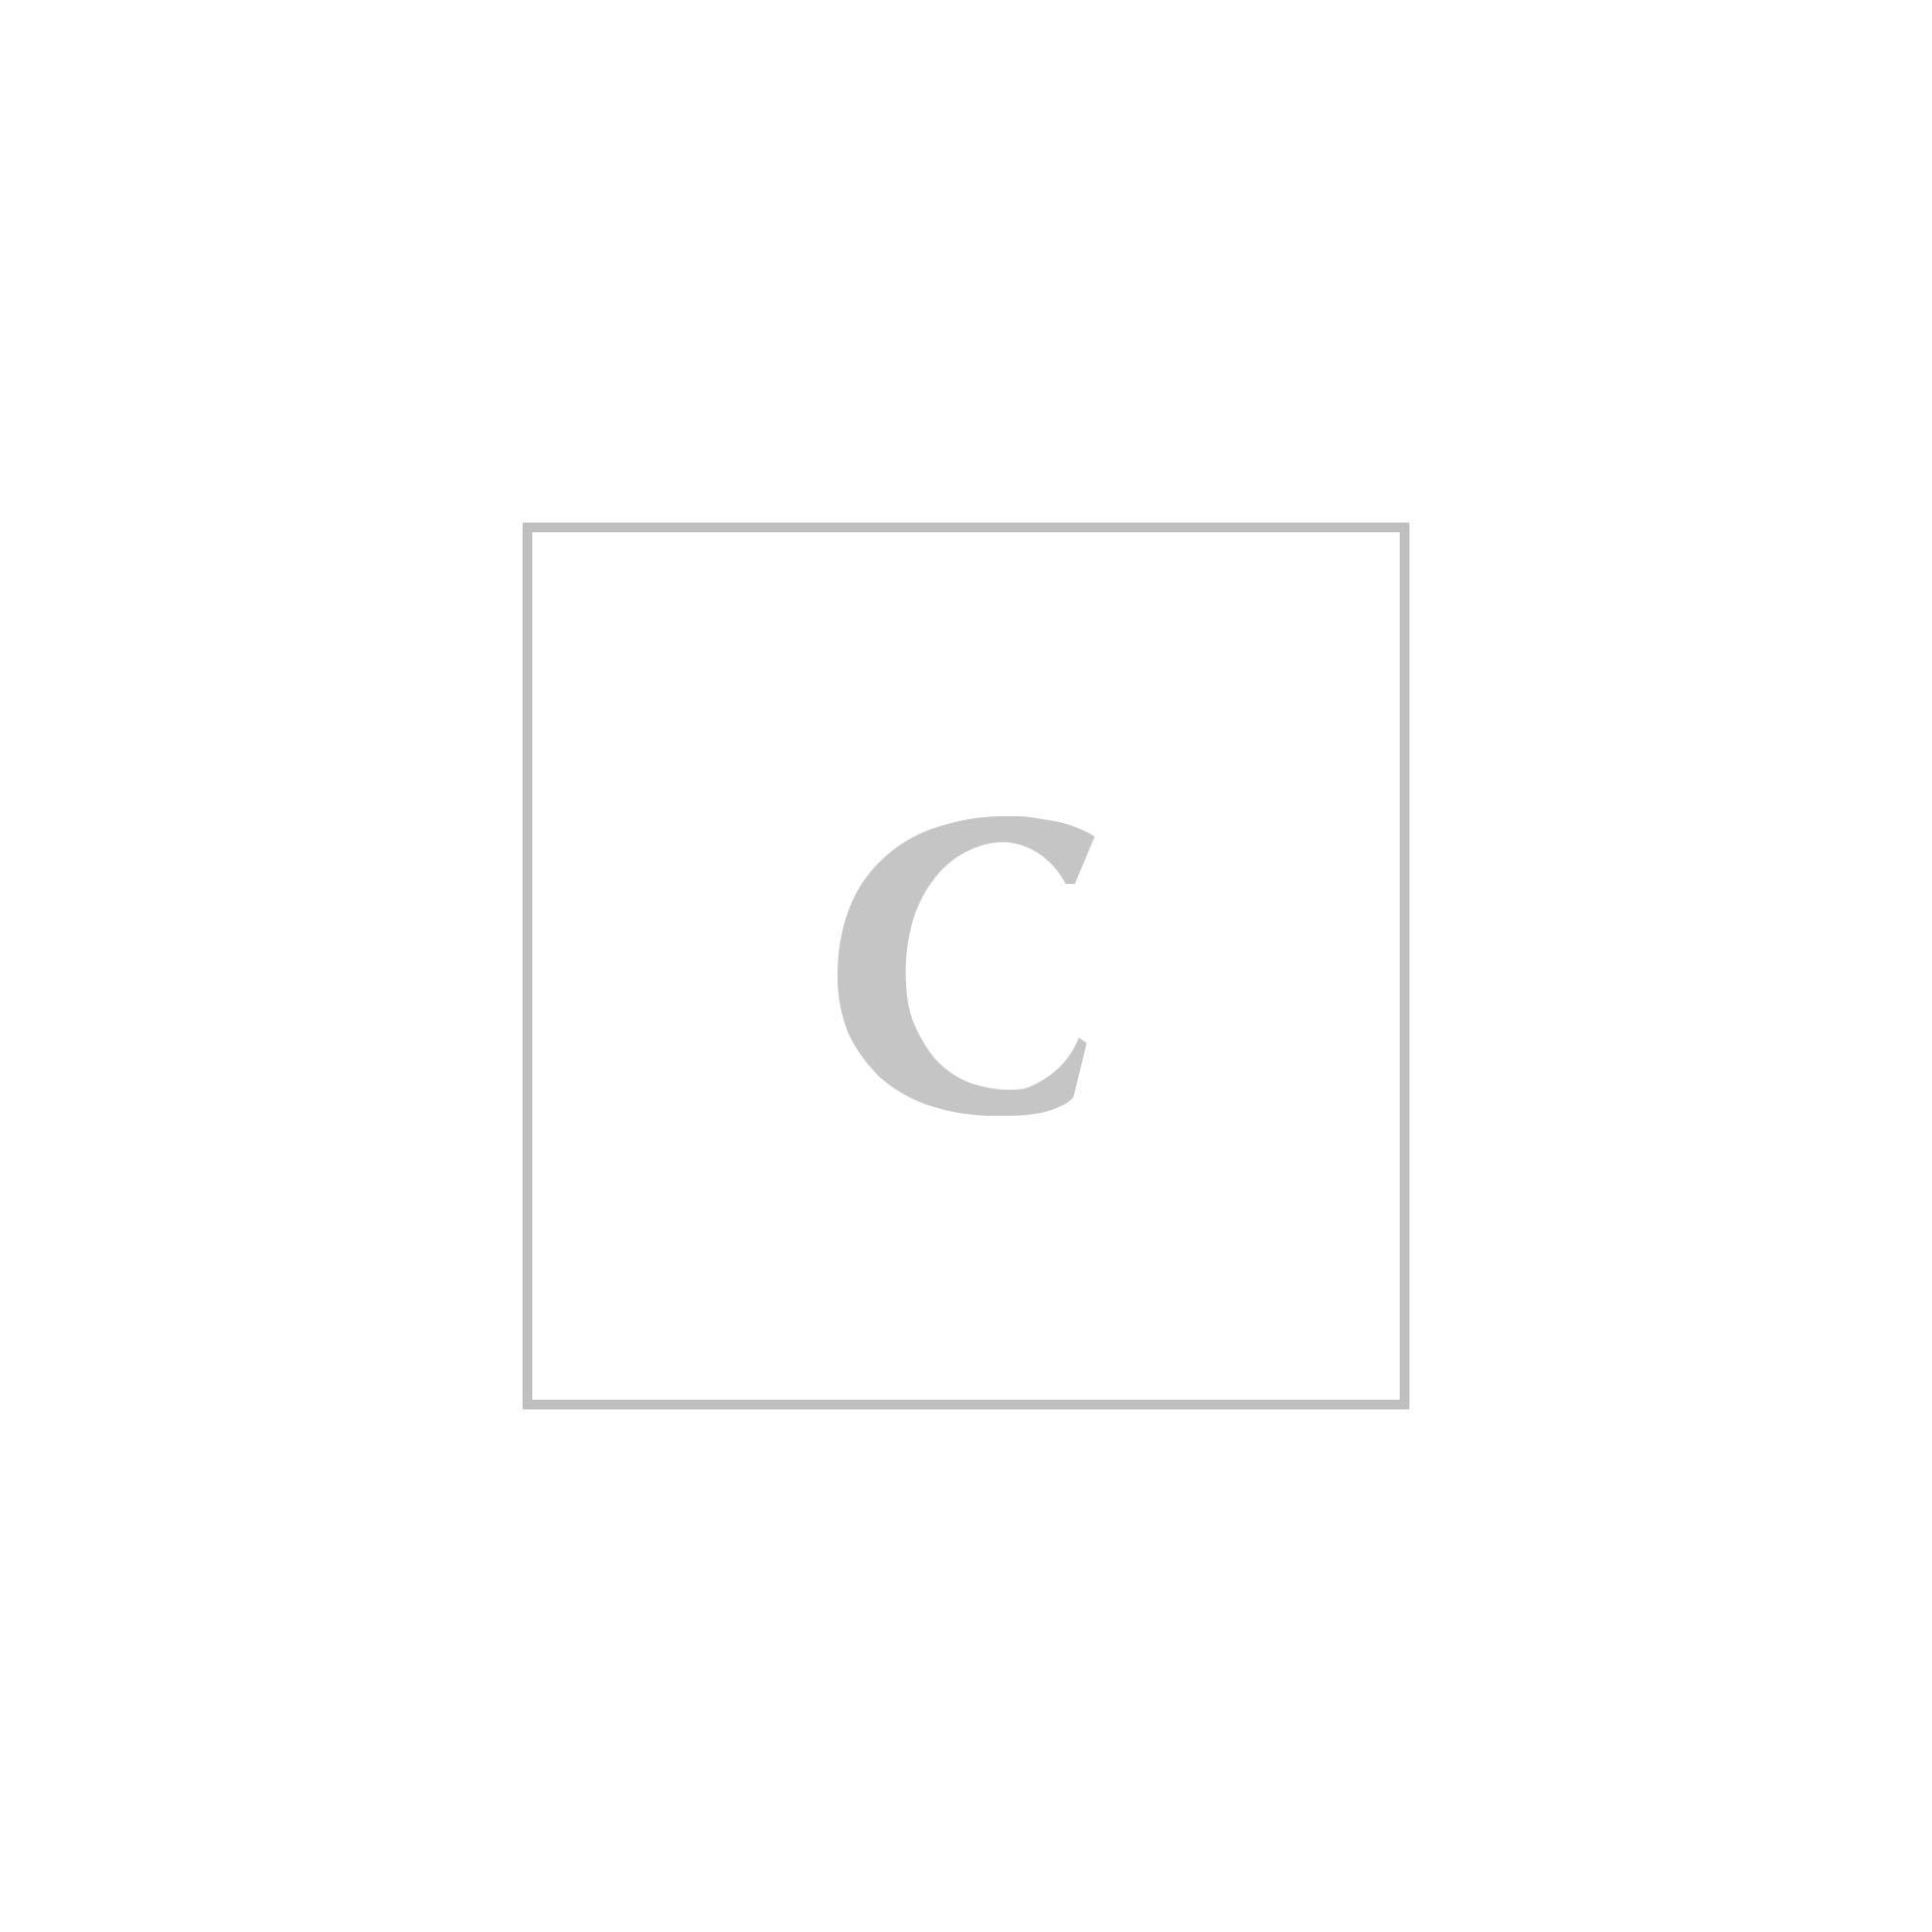 Saint laurent ysl grain de poudre monogram bag